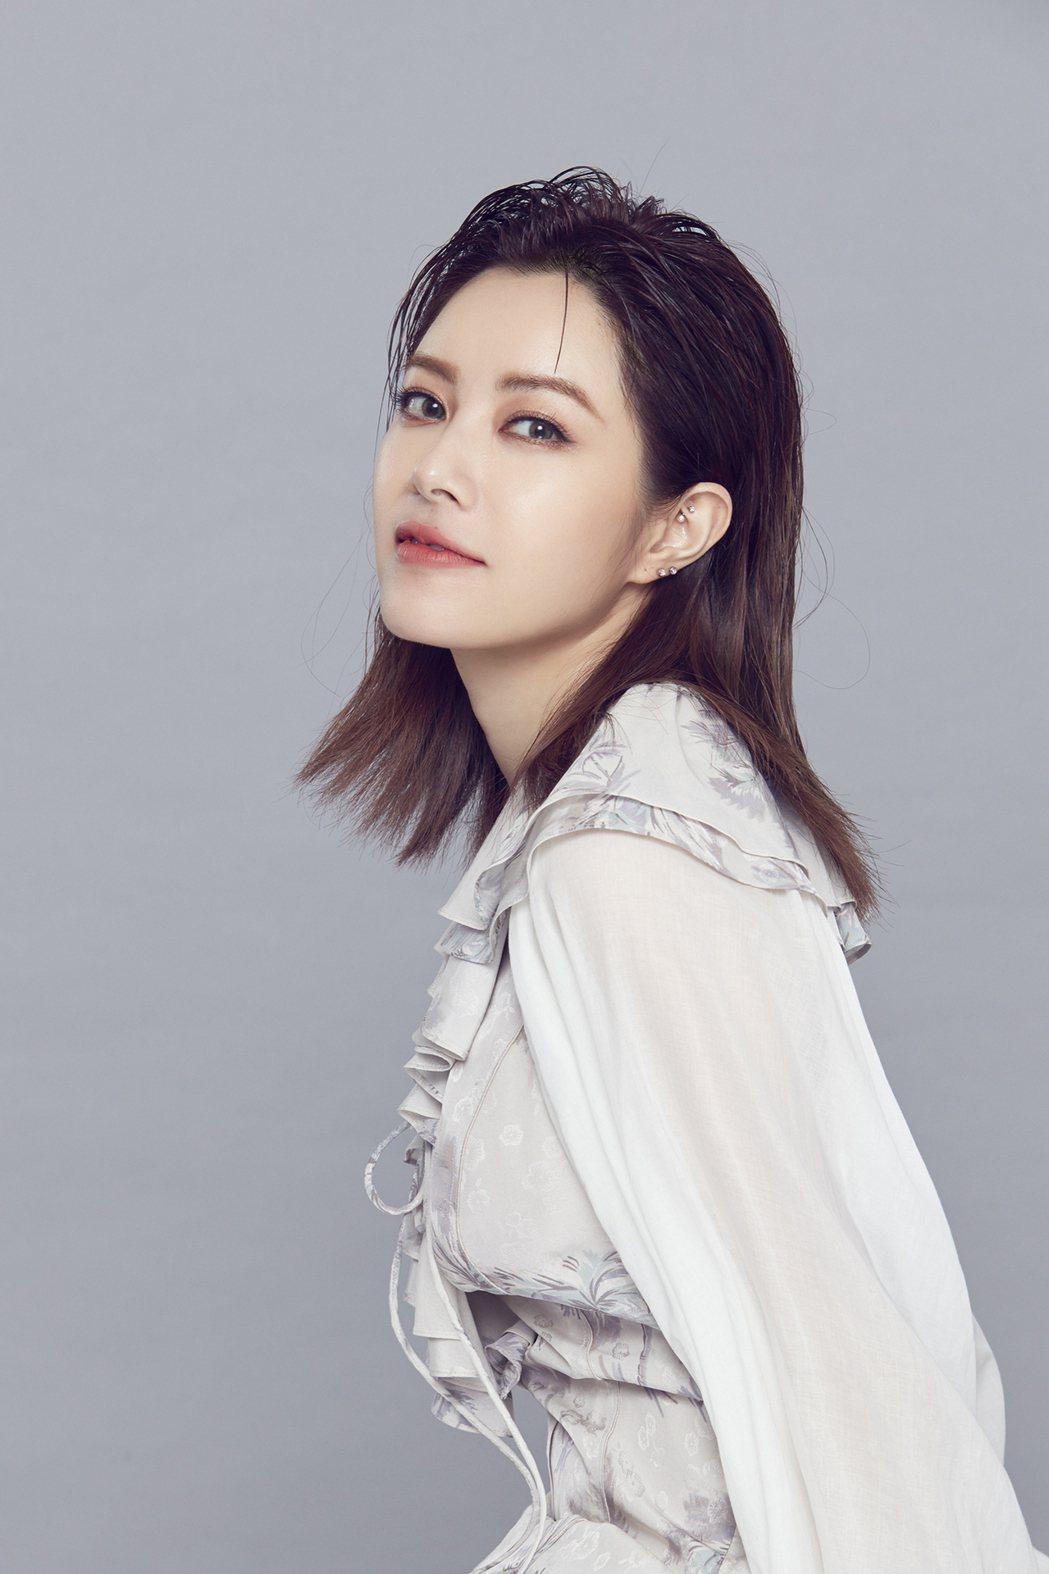 徐懷鈺實現諾言,將於8月21日、23日於台北、台中開唱。圖/Legacy提供